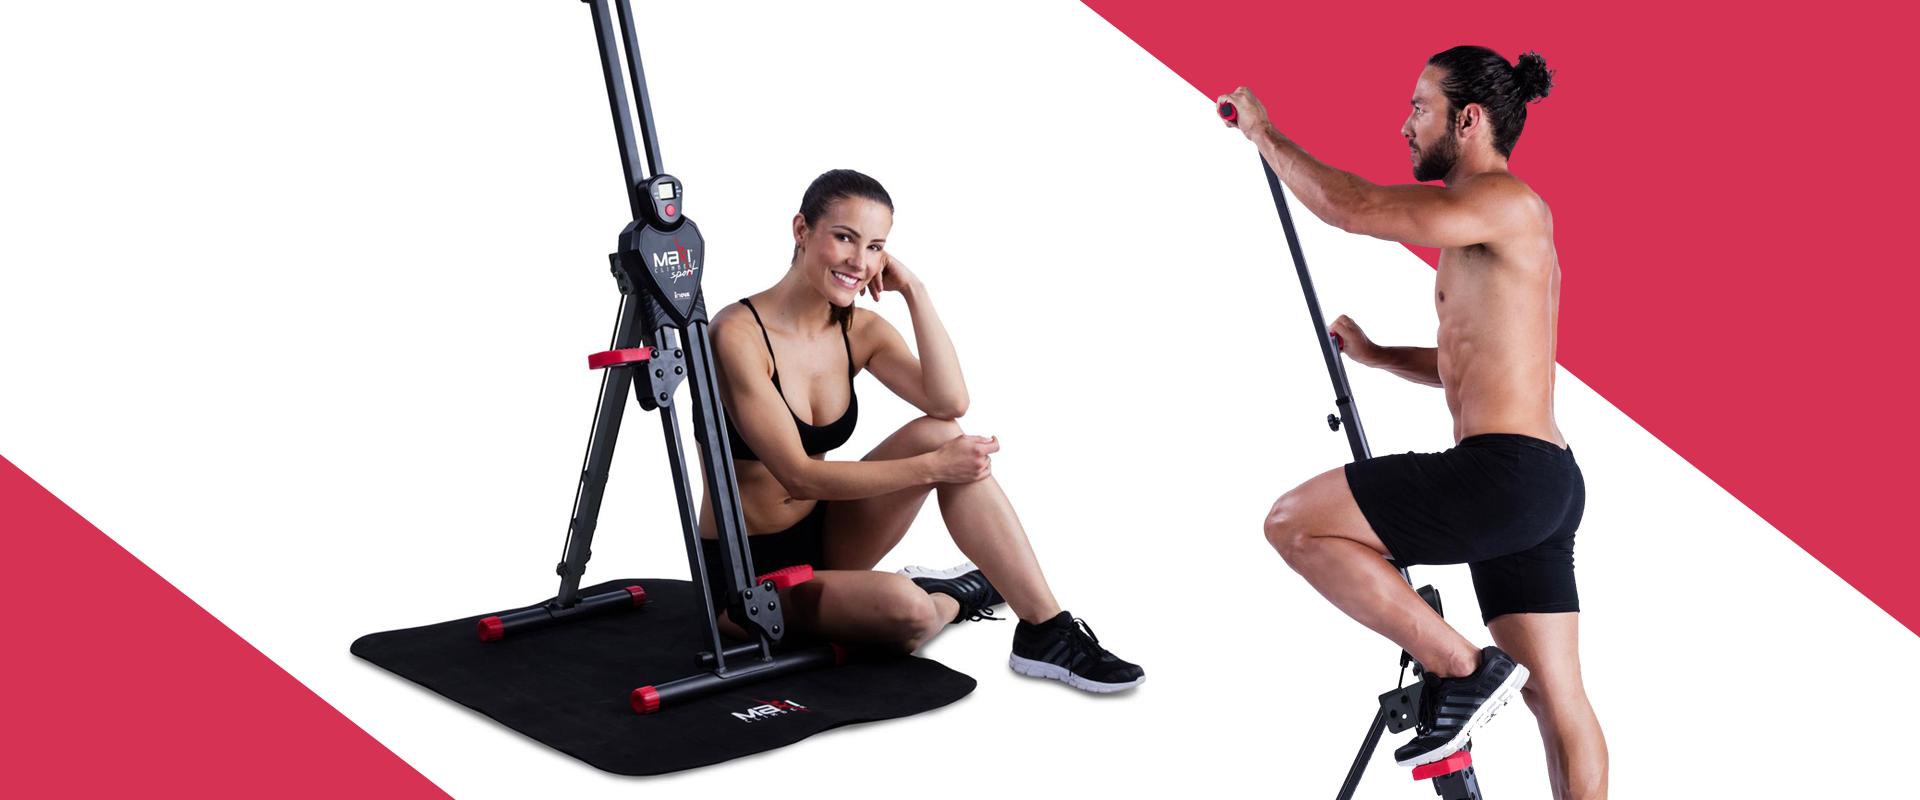 Imagen del aparato de ejercicio llamado MaxiClimber Sport.